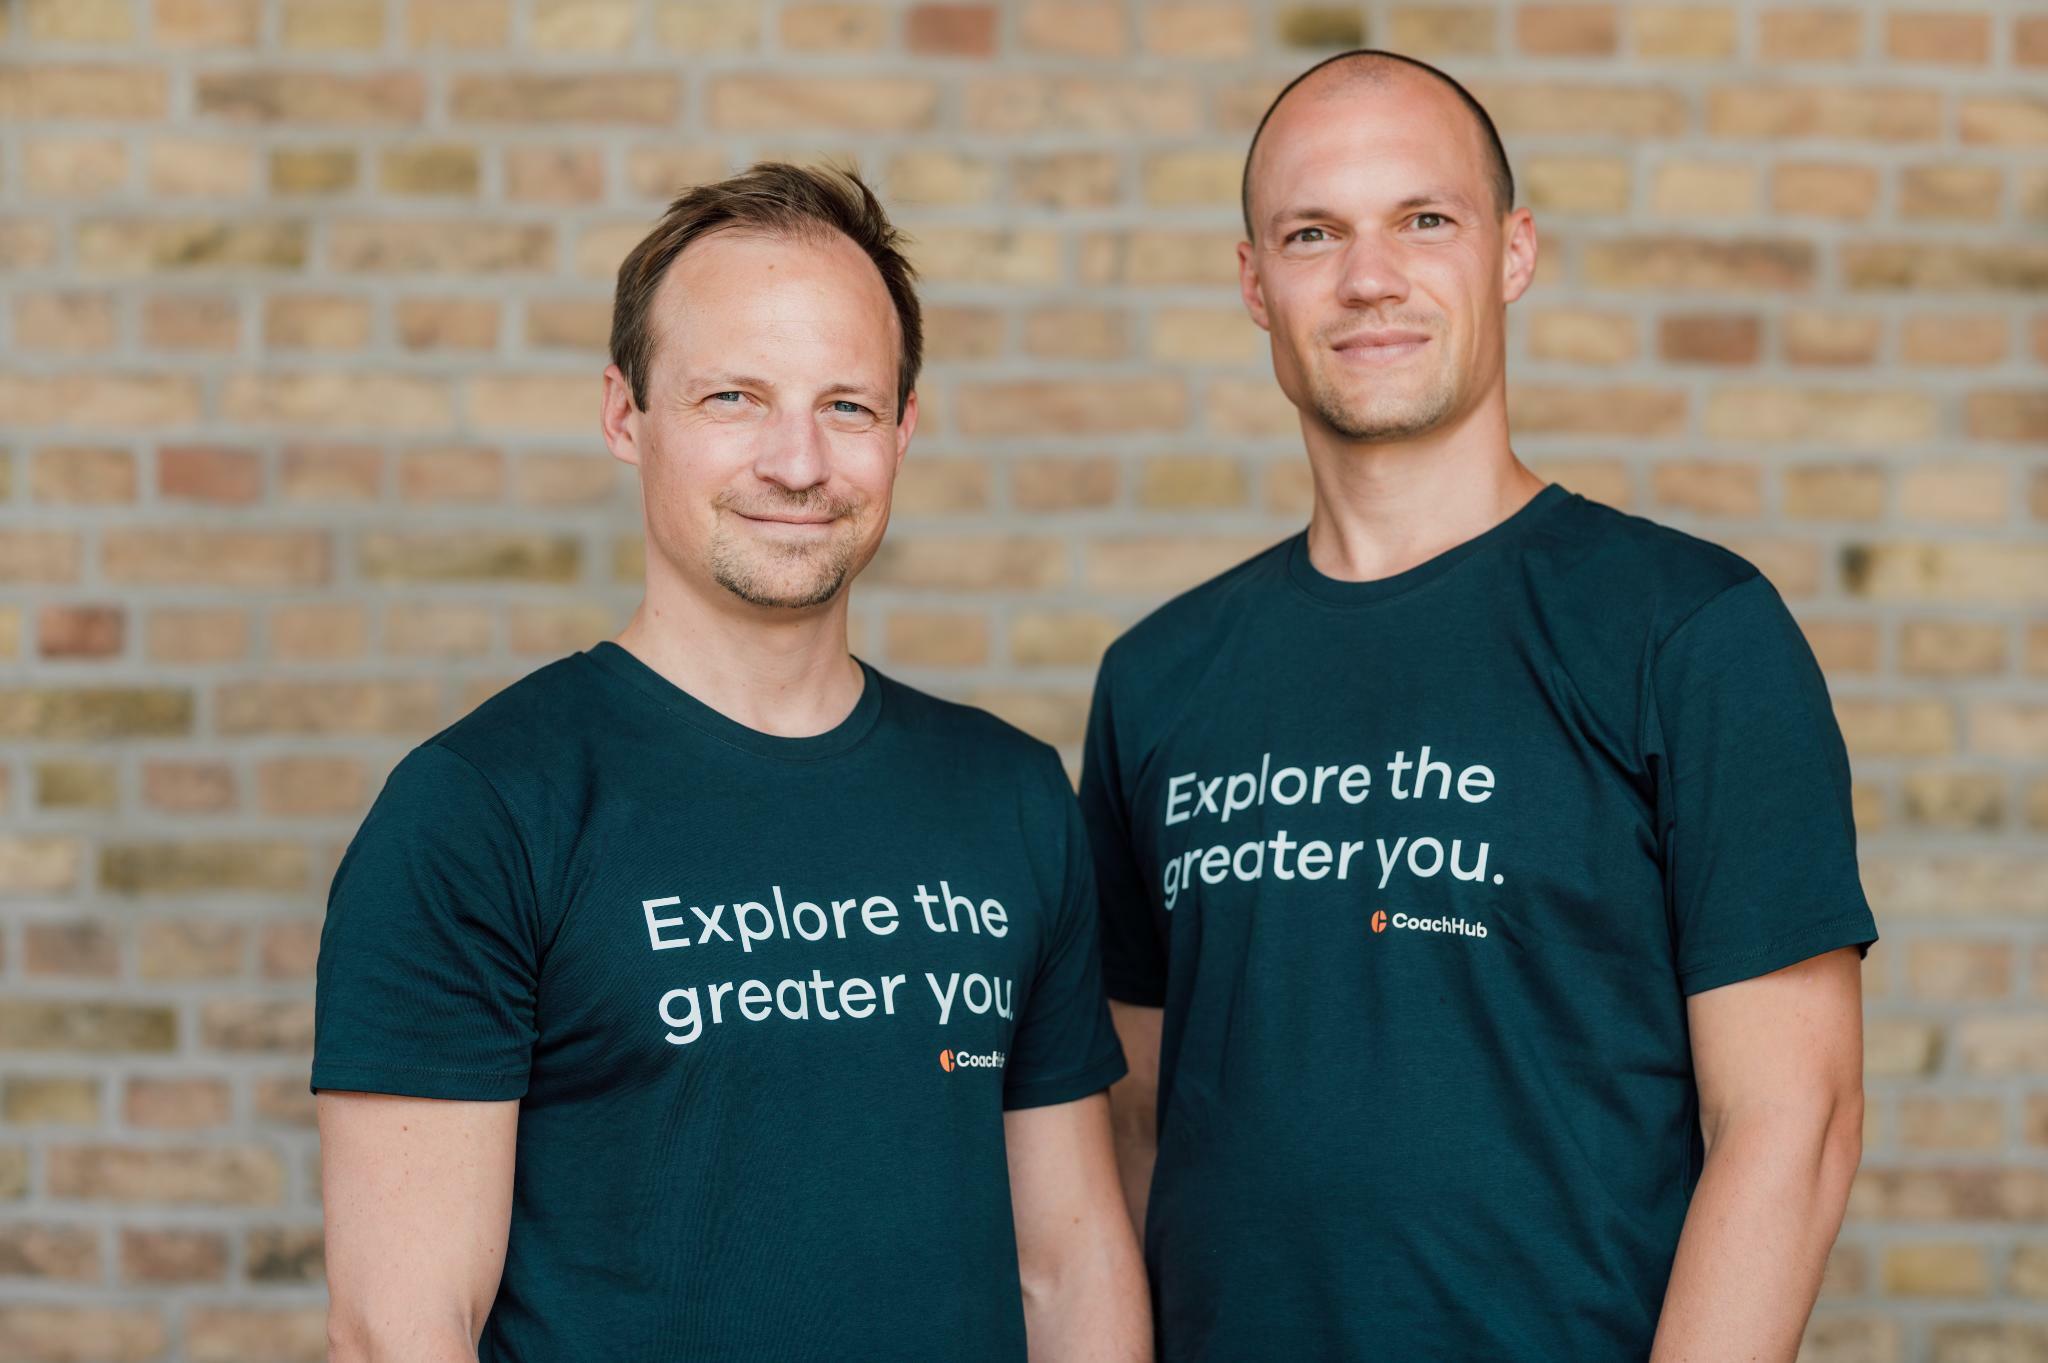 Niebelschütz: Start-up-Finanzierung – Millionen für Coaches